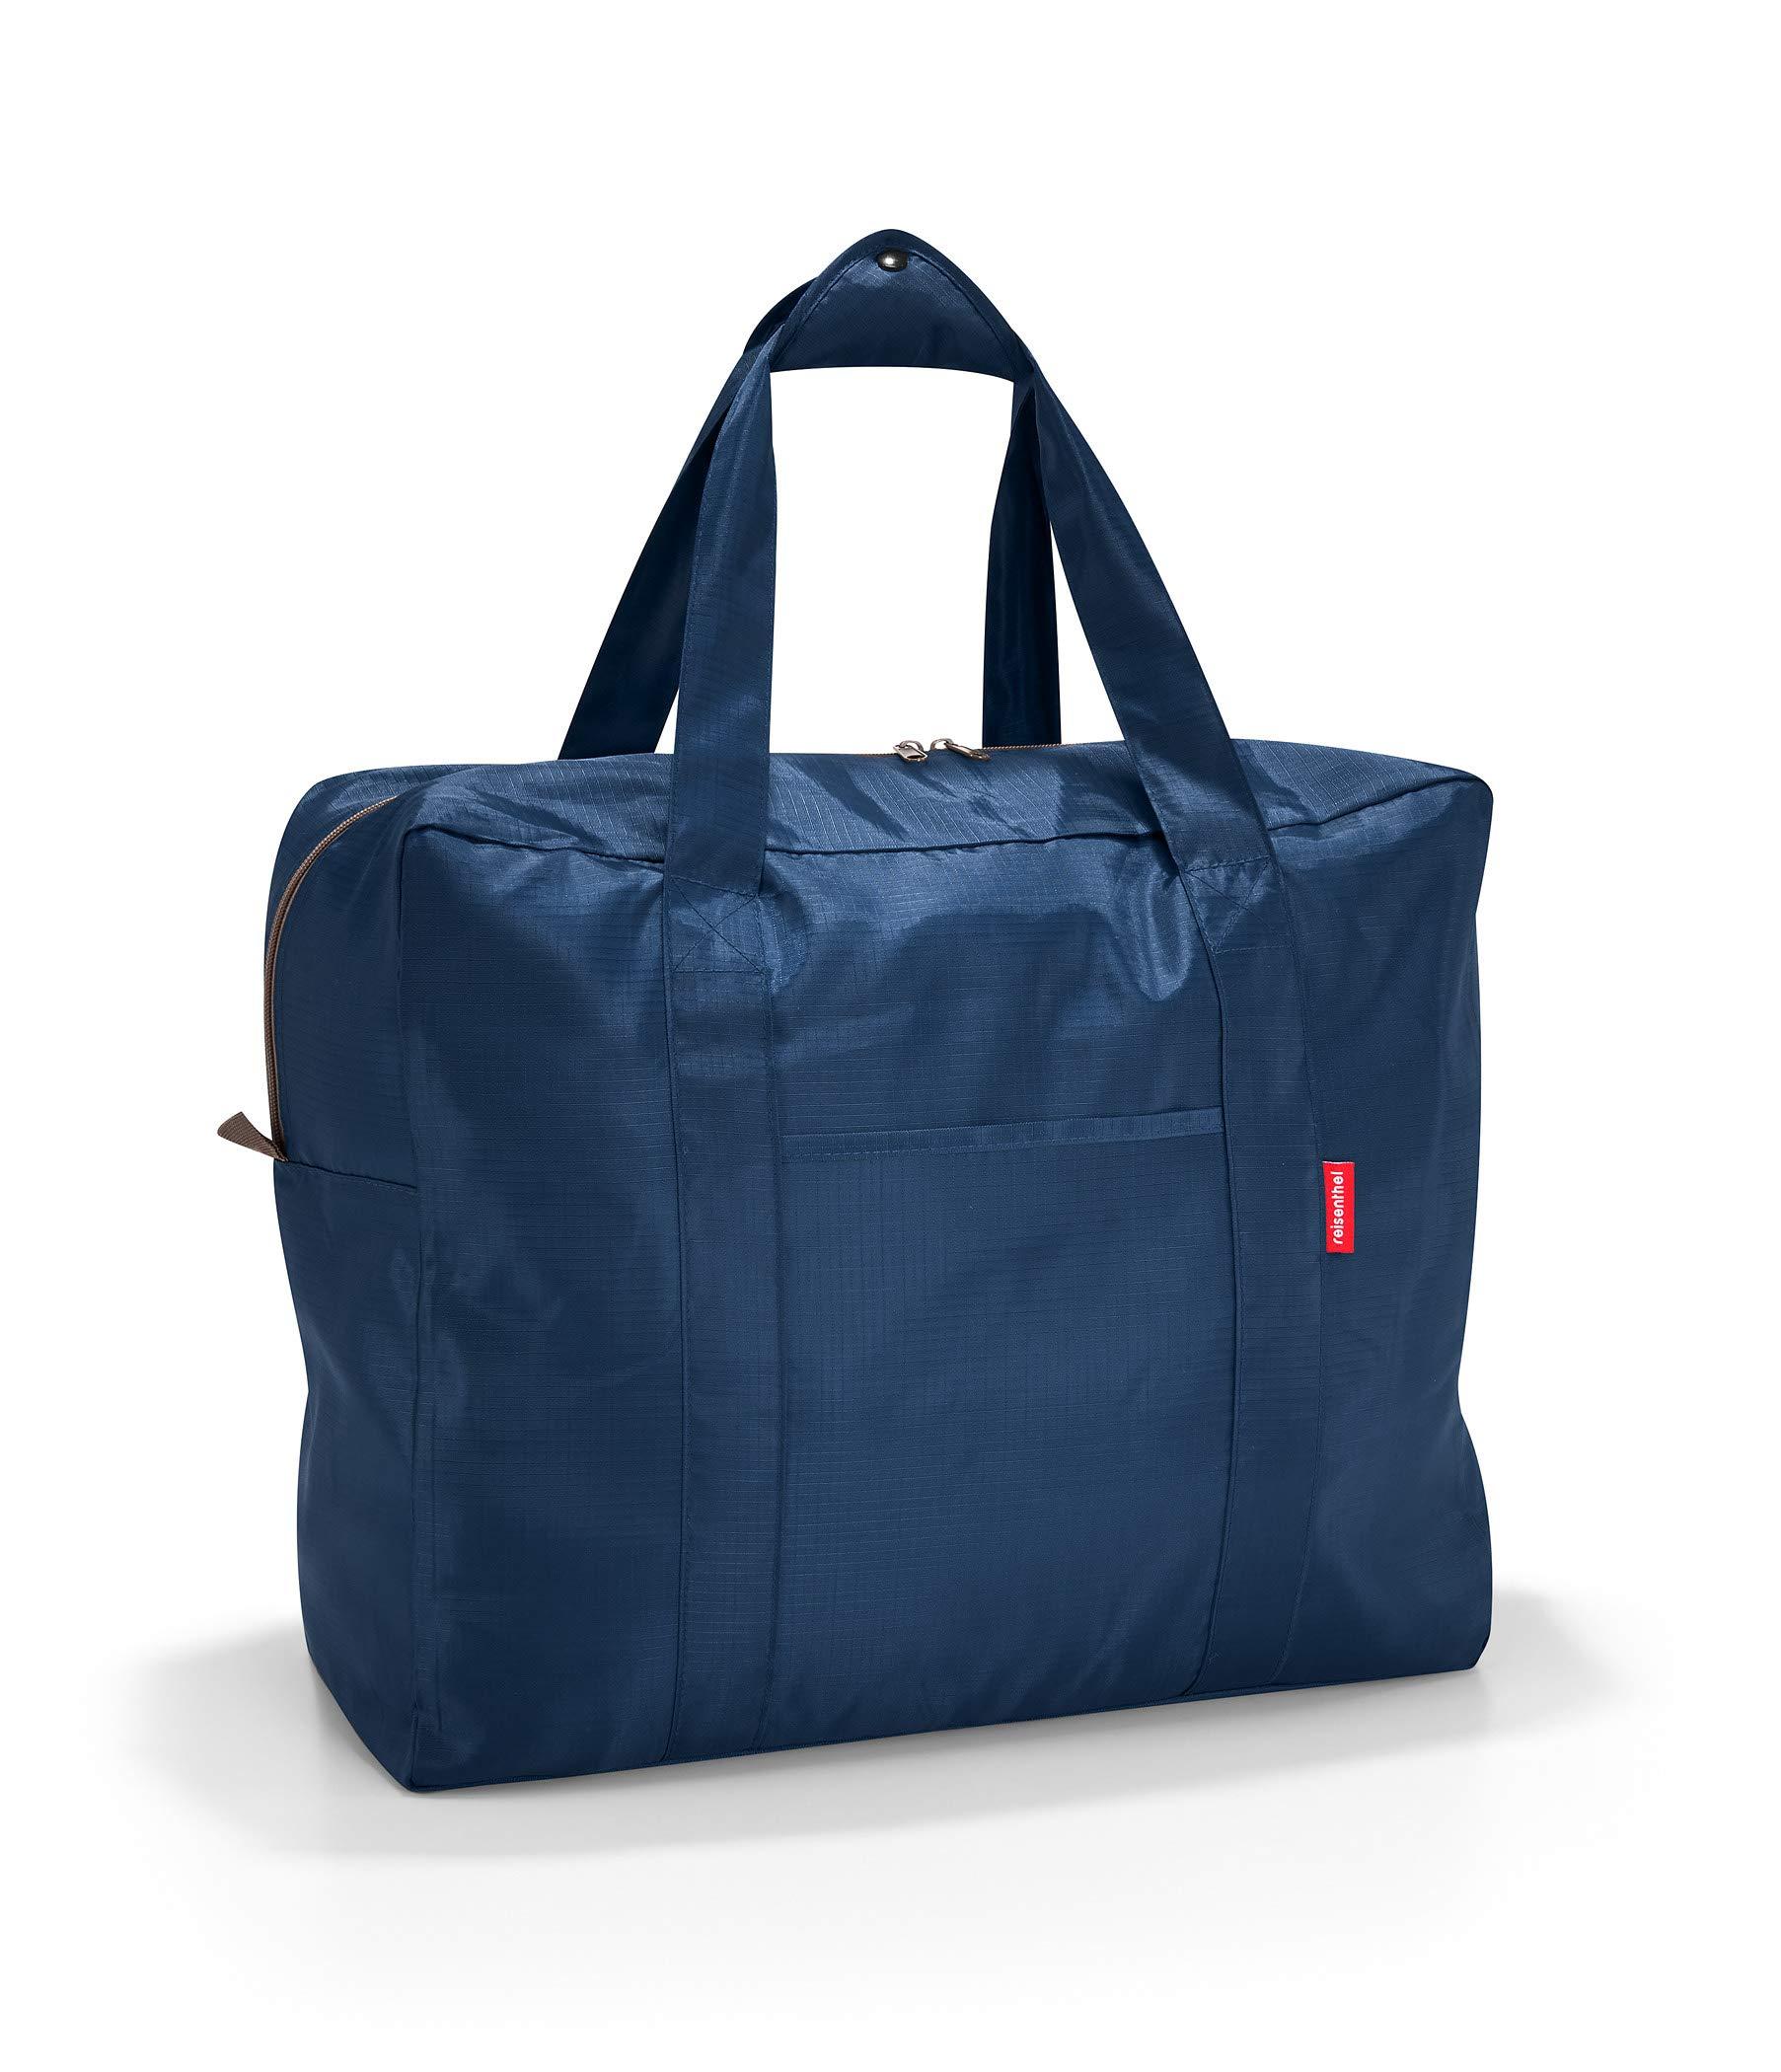 Reisenthel Handtaschen Taschen MINIMAXI TOURINGBAG_4059 dark Blau PJM90